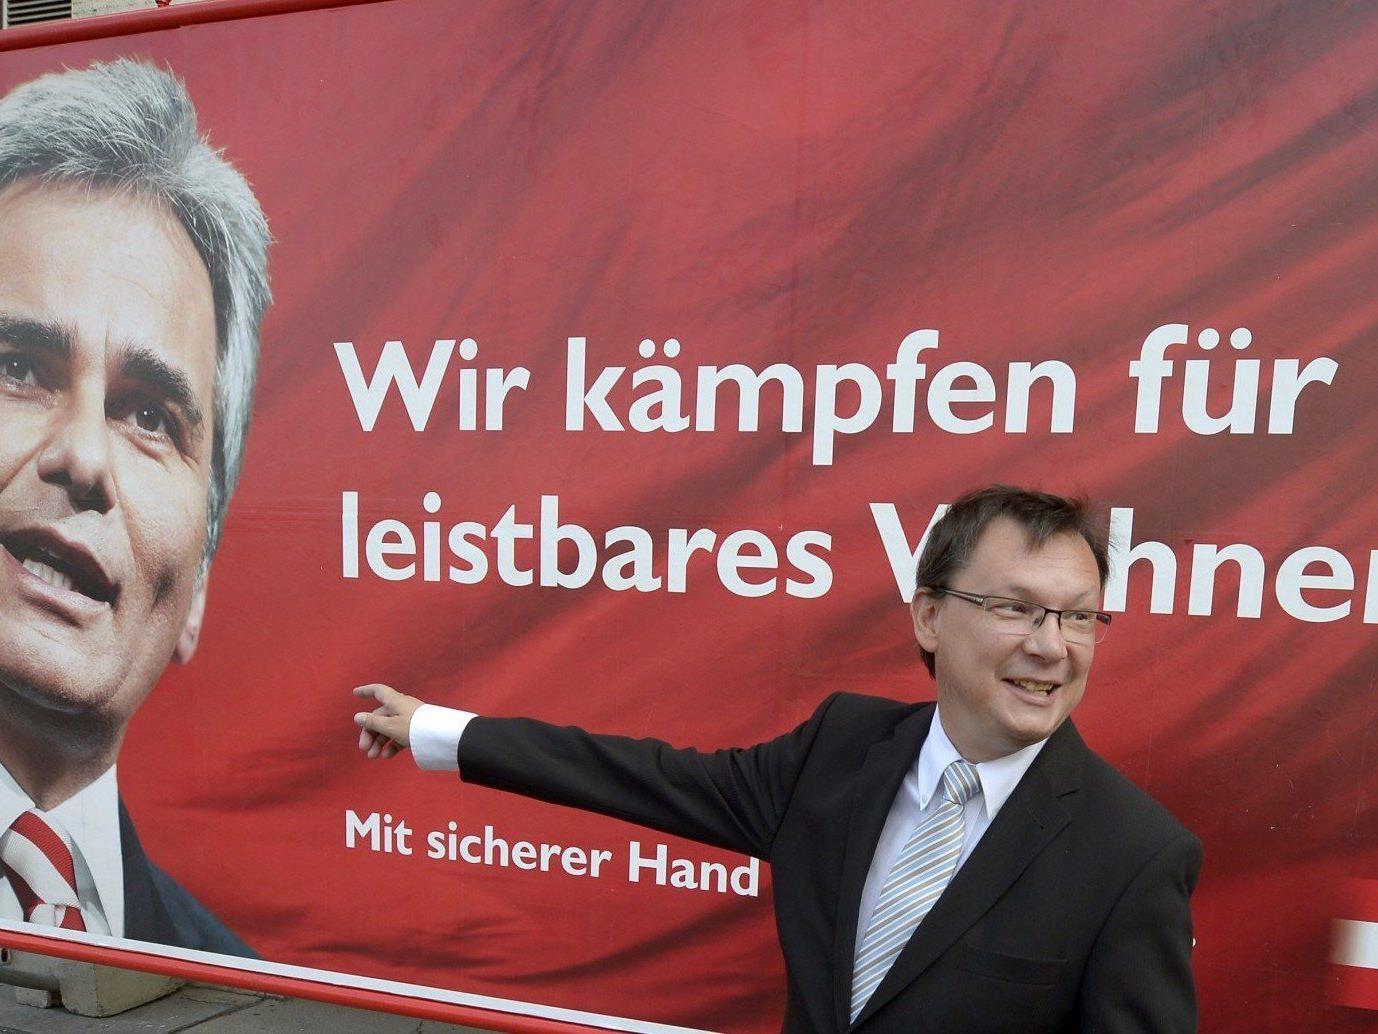 Neben diesen Plakaten sollen ab 1. August die Kernthemen der Nationalratswahl 2013 aufgezeigt werden.